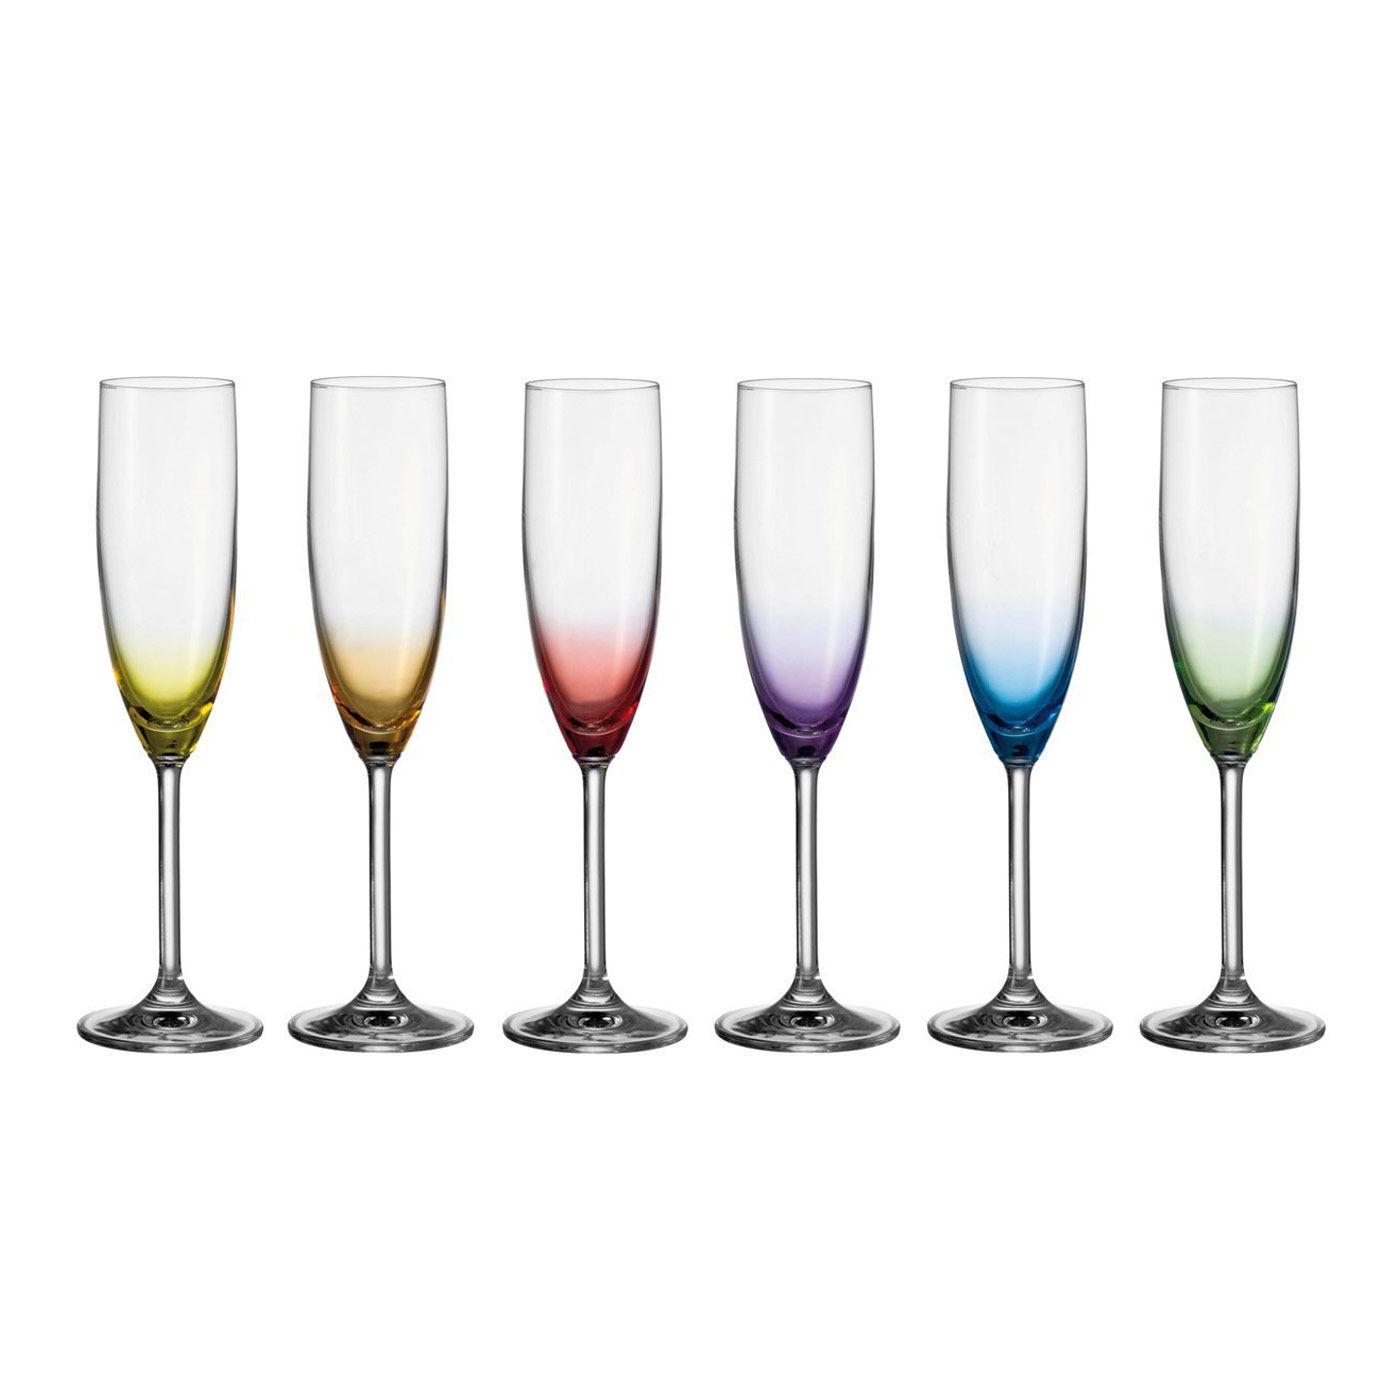 Hervorragend Cocktail-Gläser Exklusive Designergläser vieler bekannter ND04